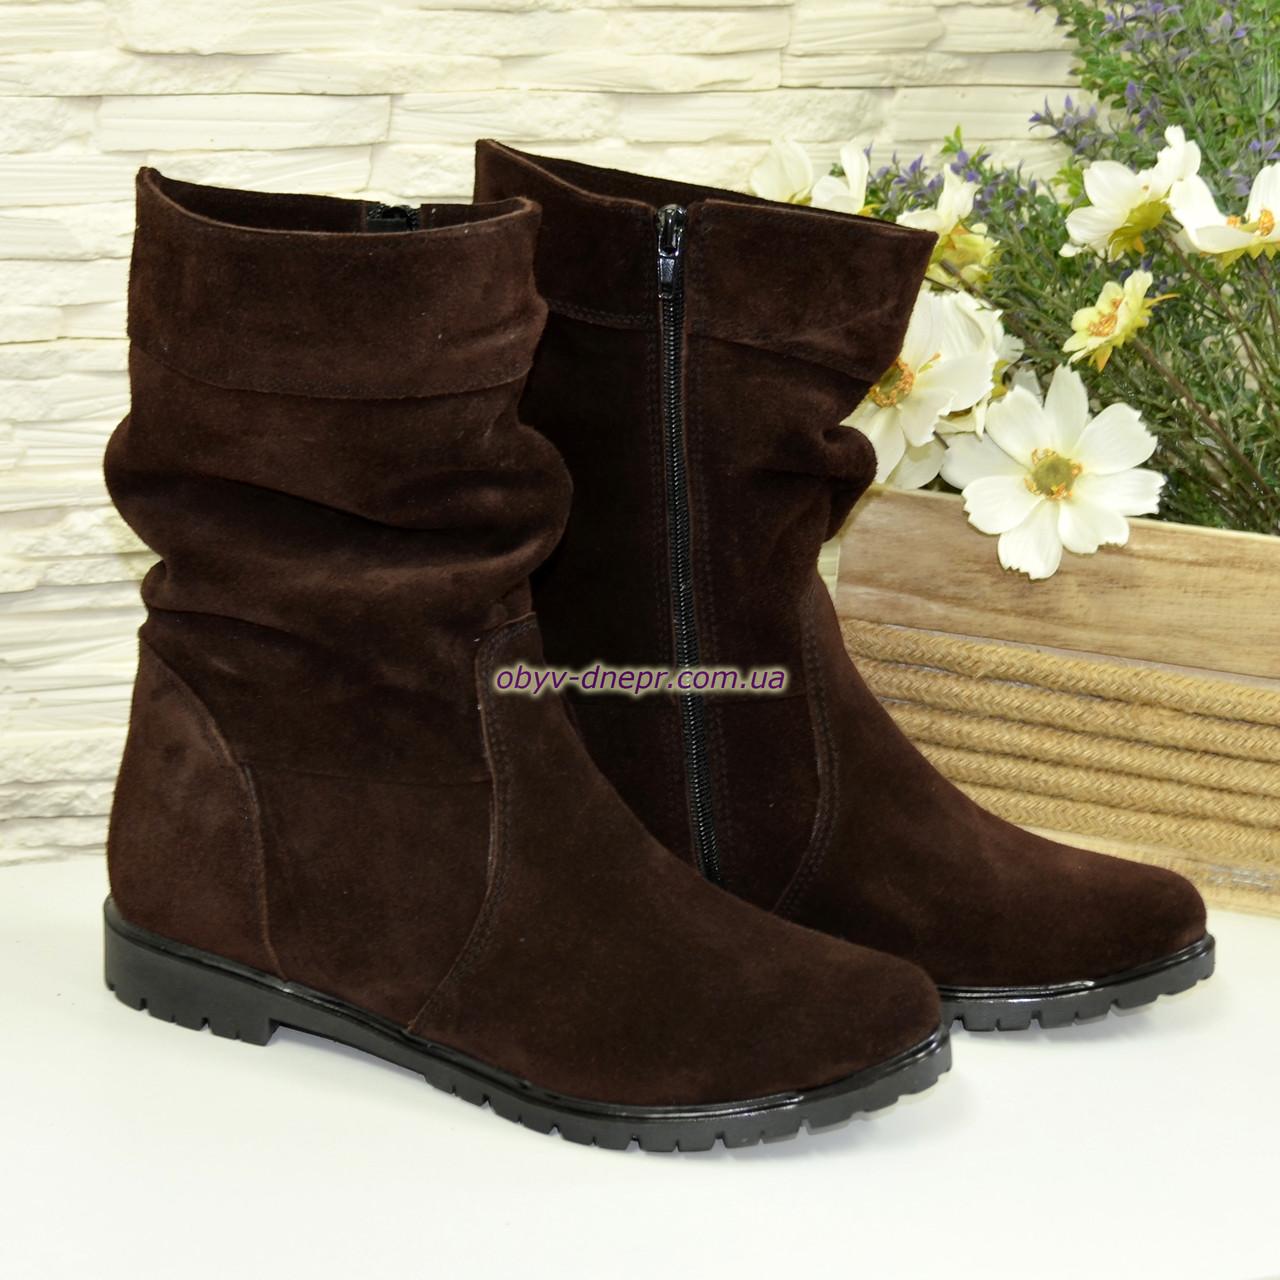 """Женские демисезонные коричневые ботинки замшевые. ТМ """"Maestro"""""""